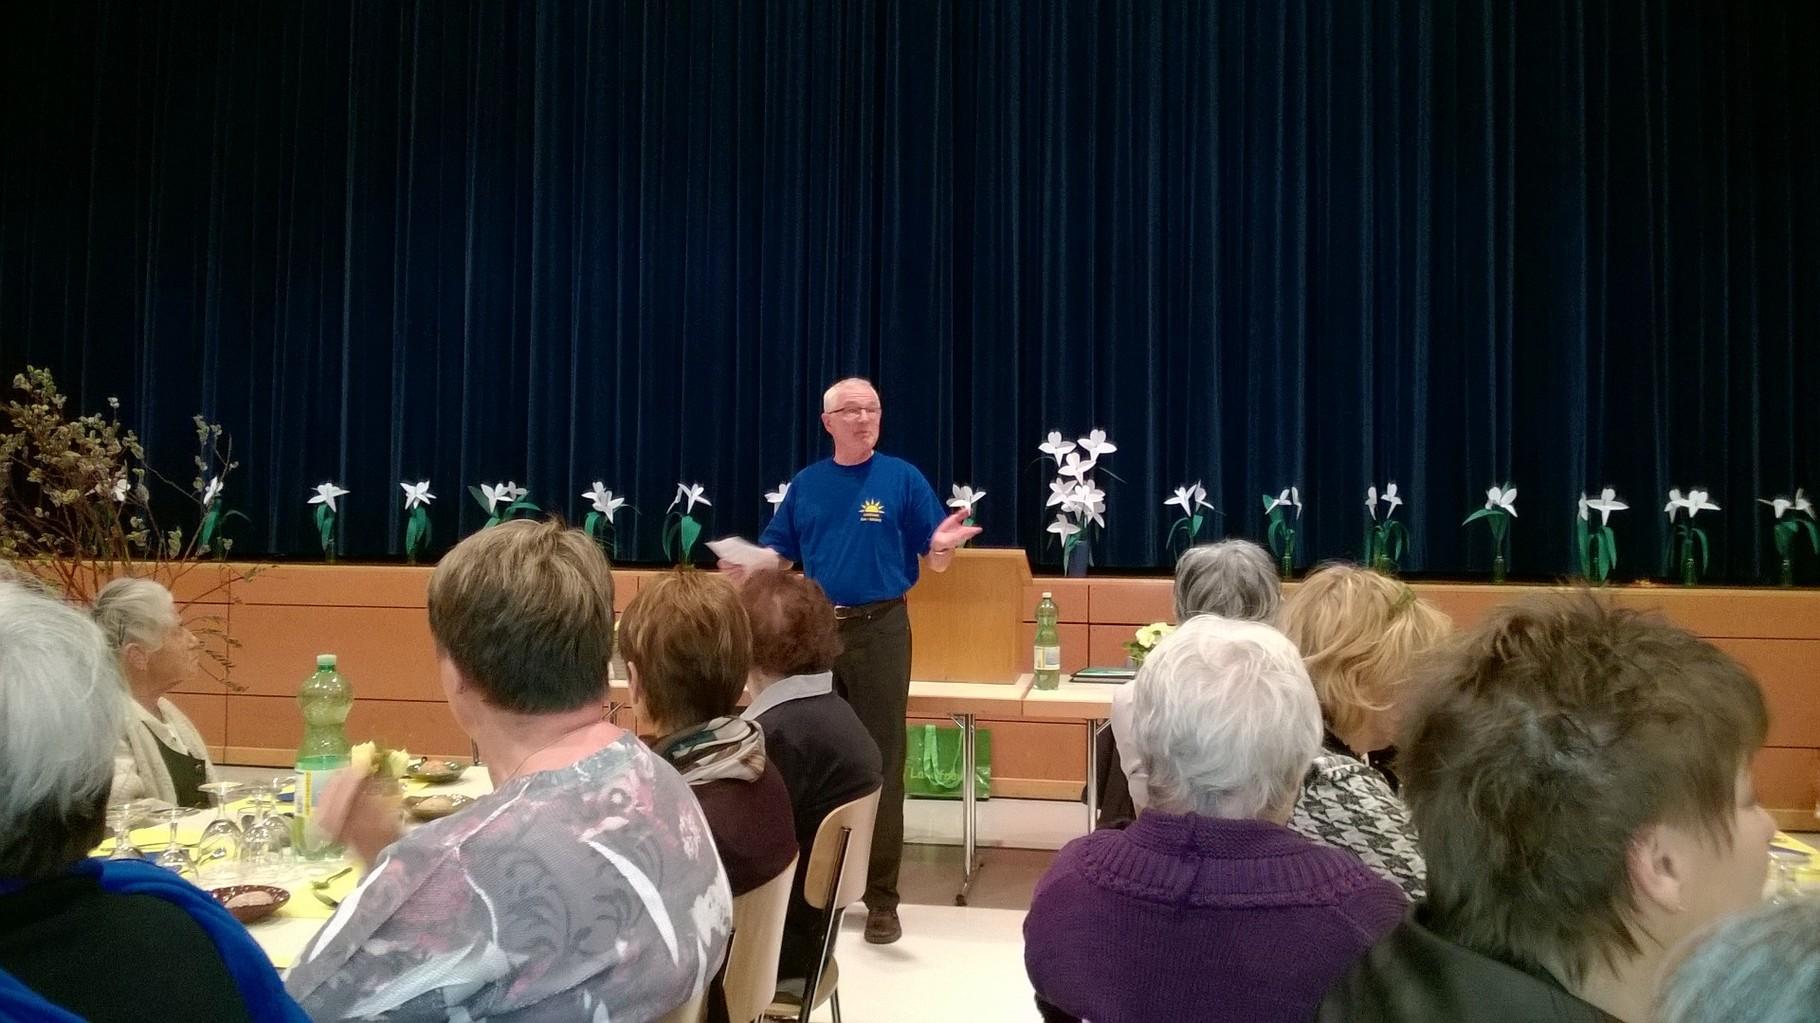 Herr Schwab stellt uns die Gemeinde Arni vor und offeriert uns im Namen der Gemeinde einen Kaffee zum Dessert.